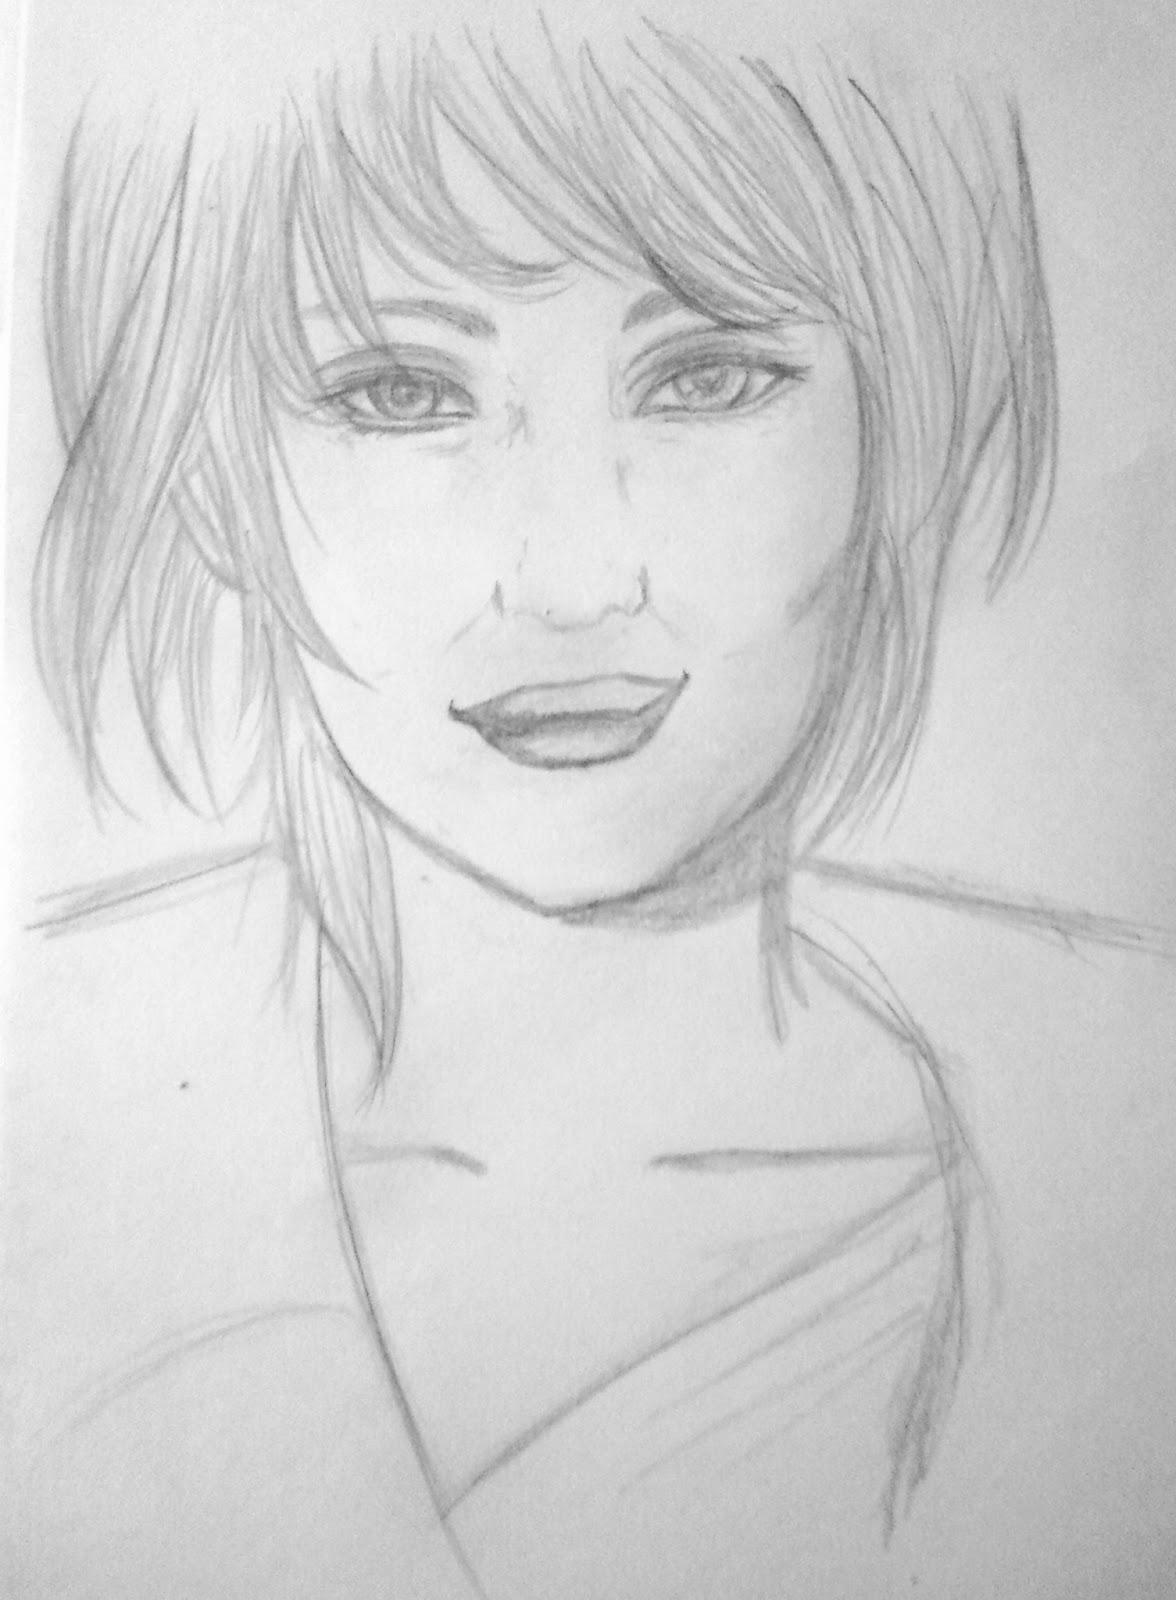 Imagenes De Emos Tristes Para Dibujar A Lapiz Faciles